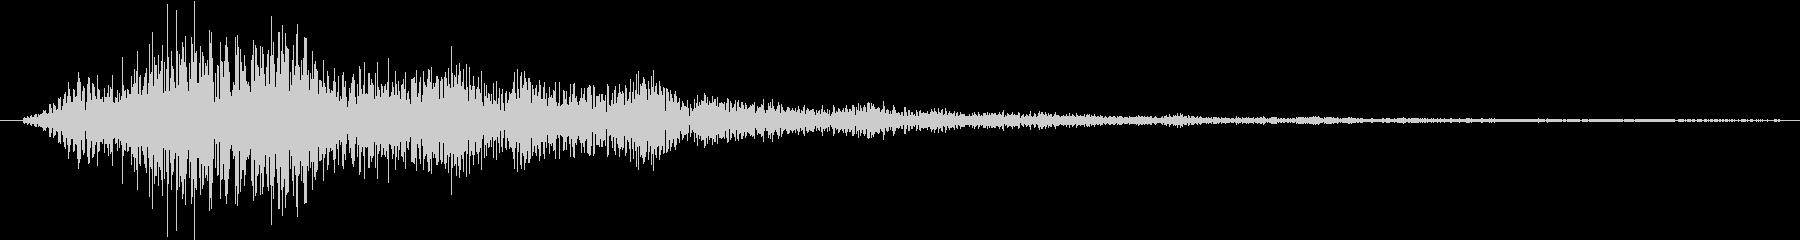 サウンドロゴ(サイバー)の未再生の波形